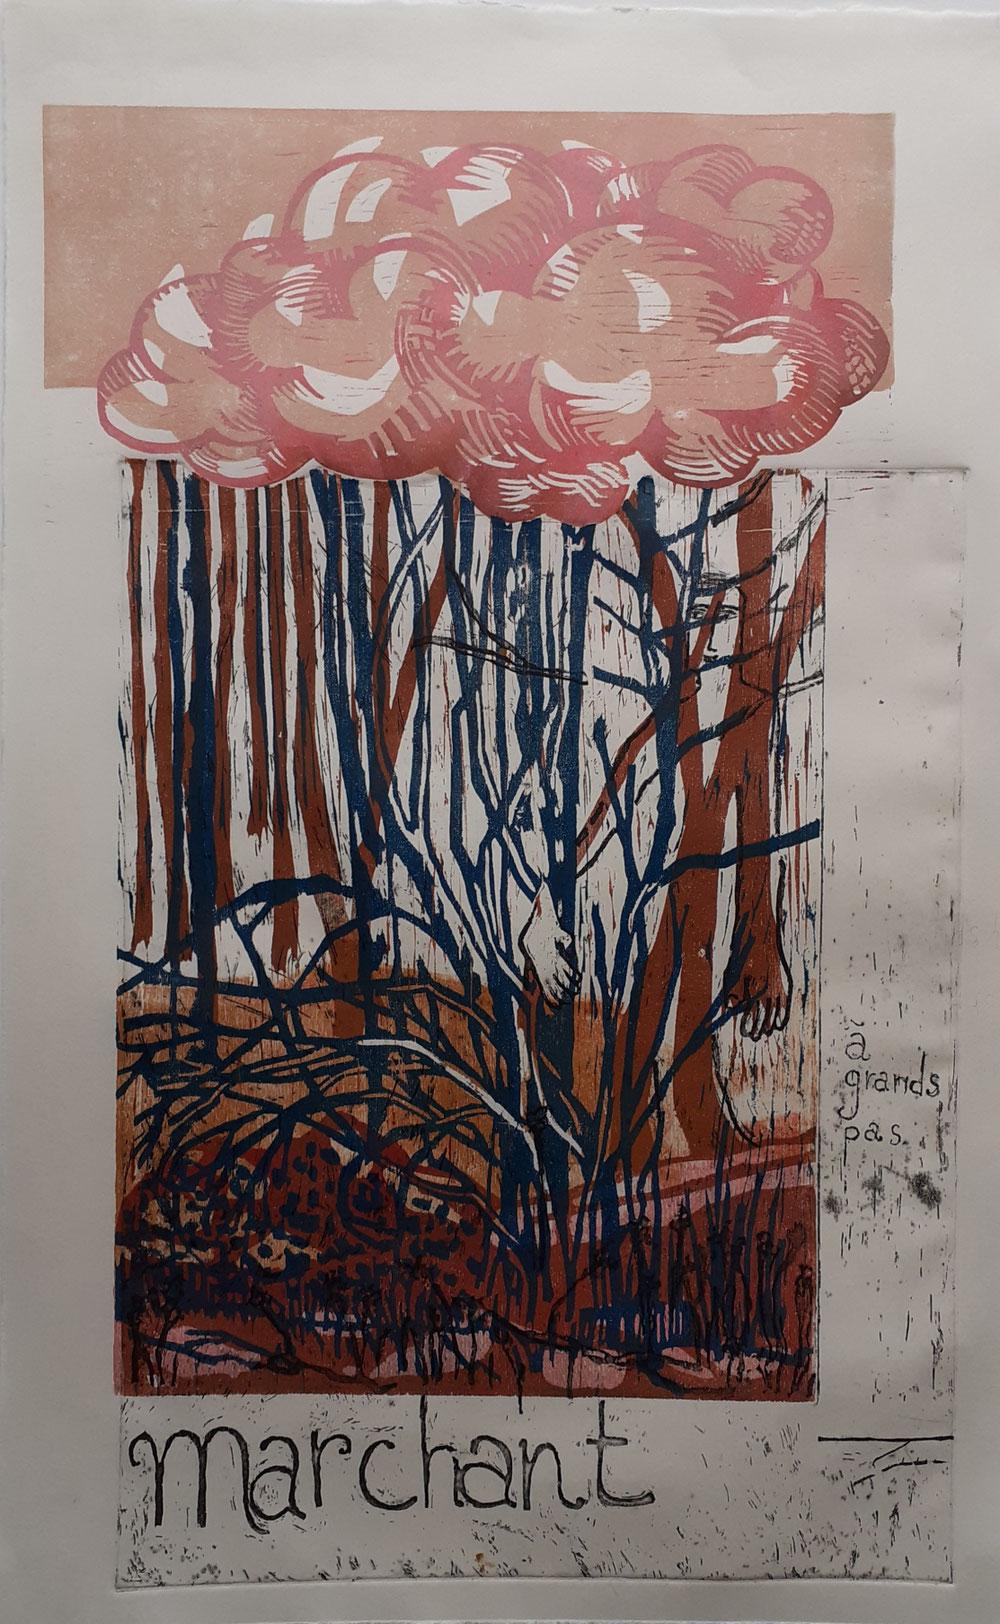 Marchant, gravure sur bois et eau forte, 40 x 60 cm